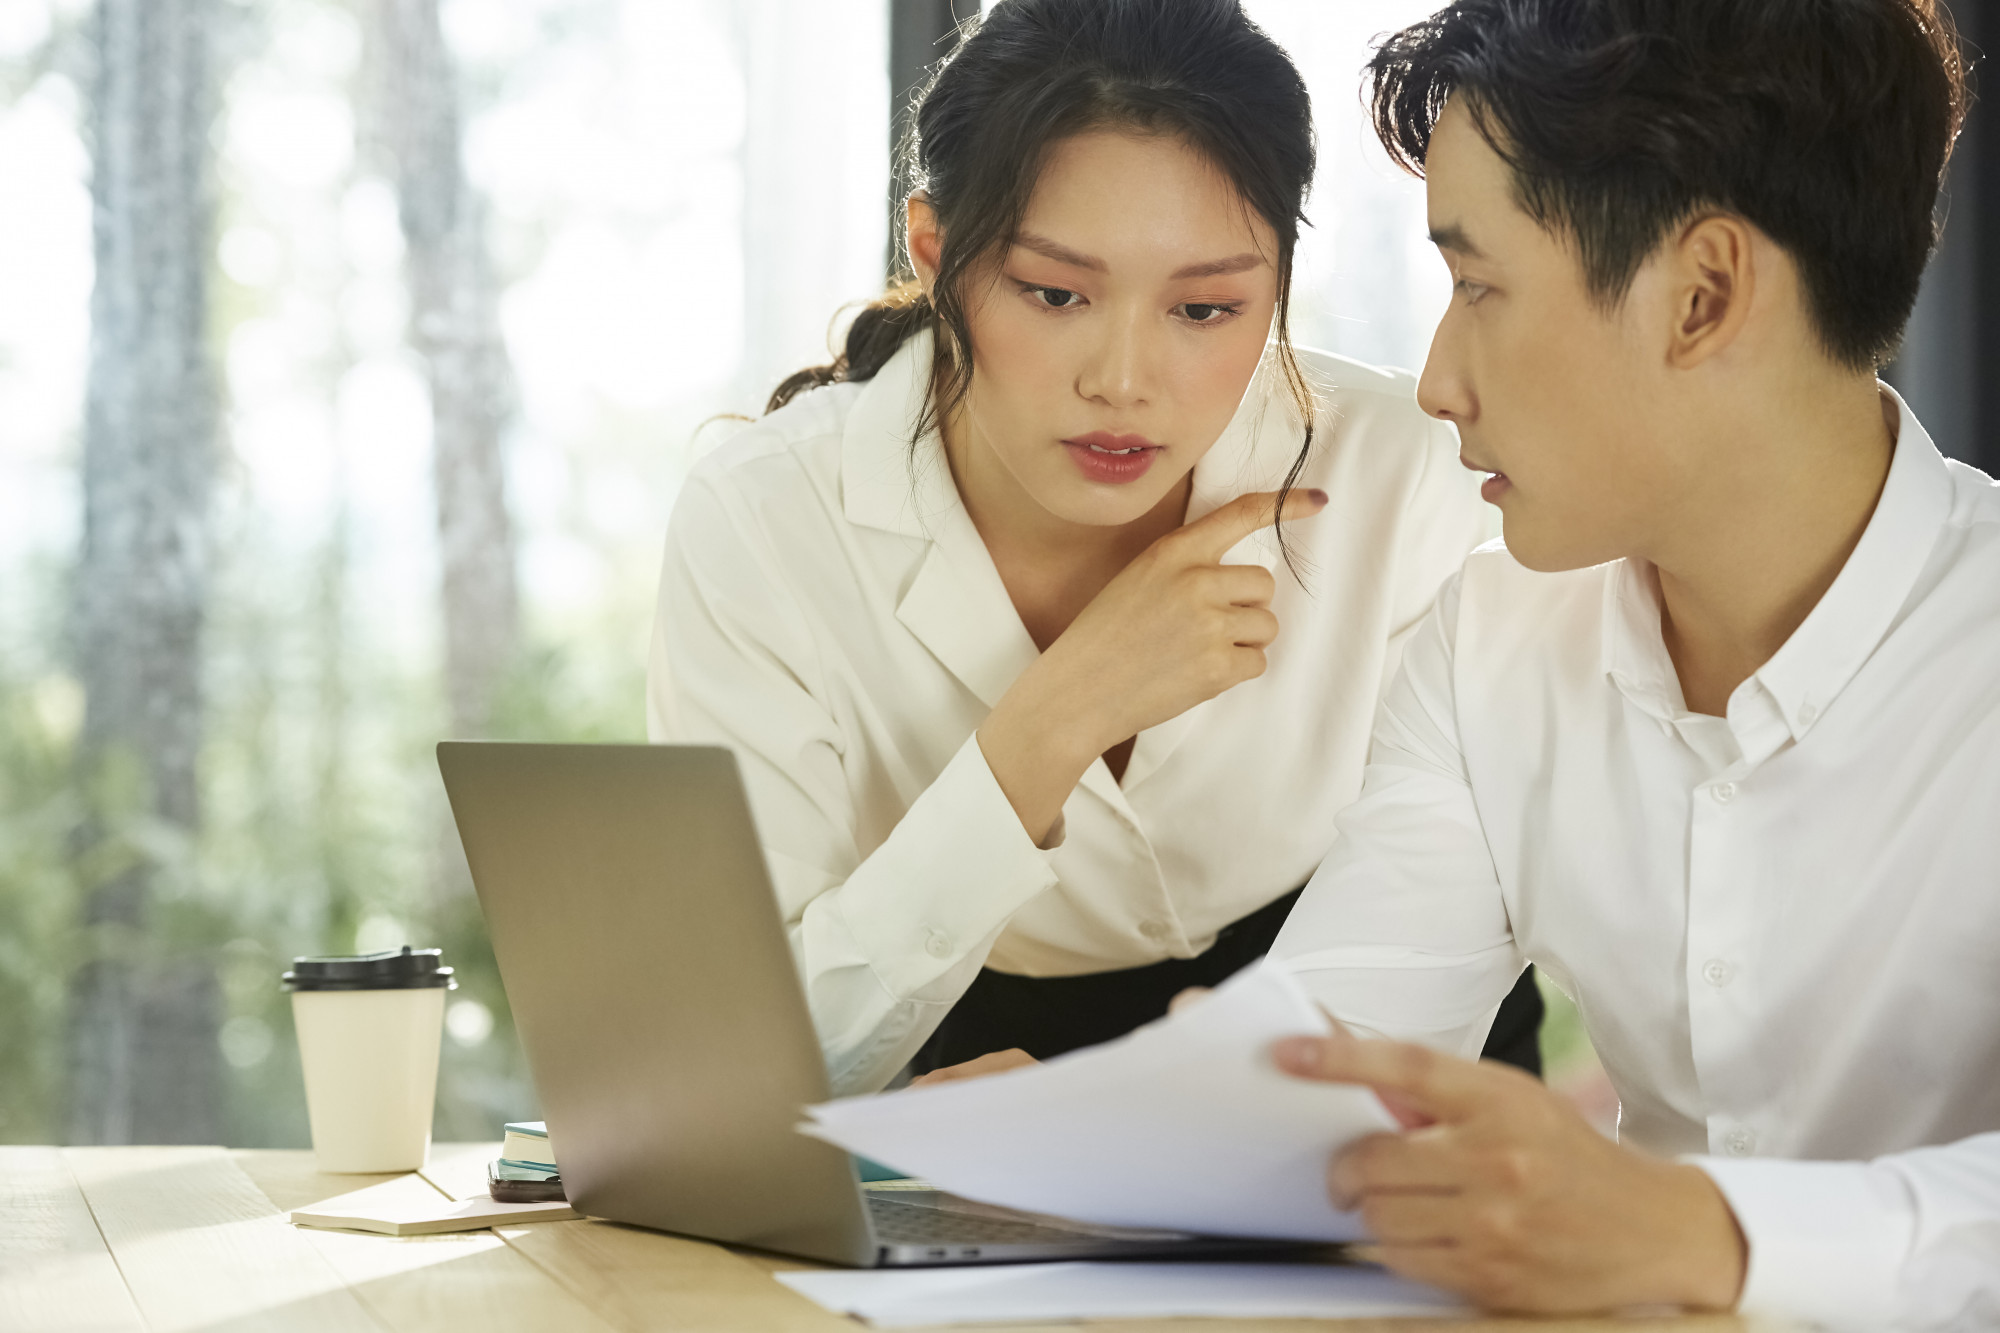 Sự thân thiết nơi công sở rất dễ dẫn đến những cảm xúc ngoài vợ ngoài chồng - Hình minh họa - XFRAME